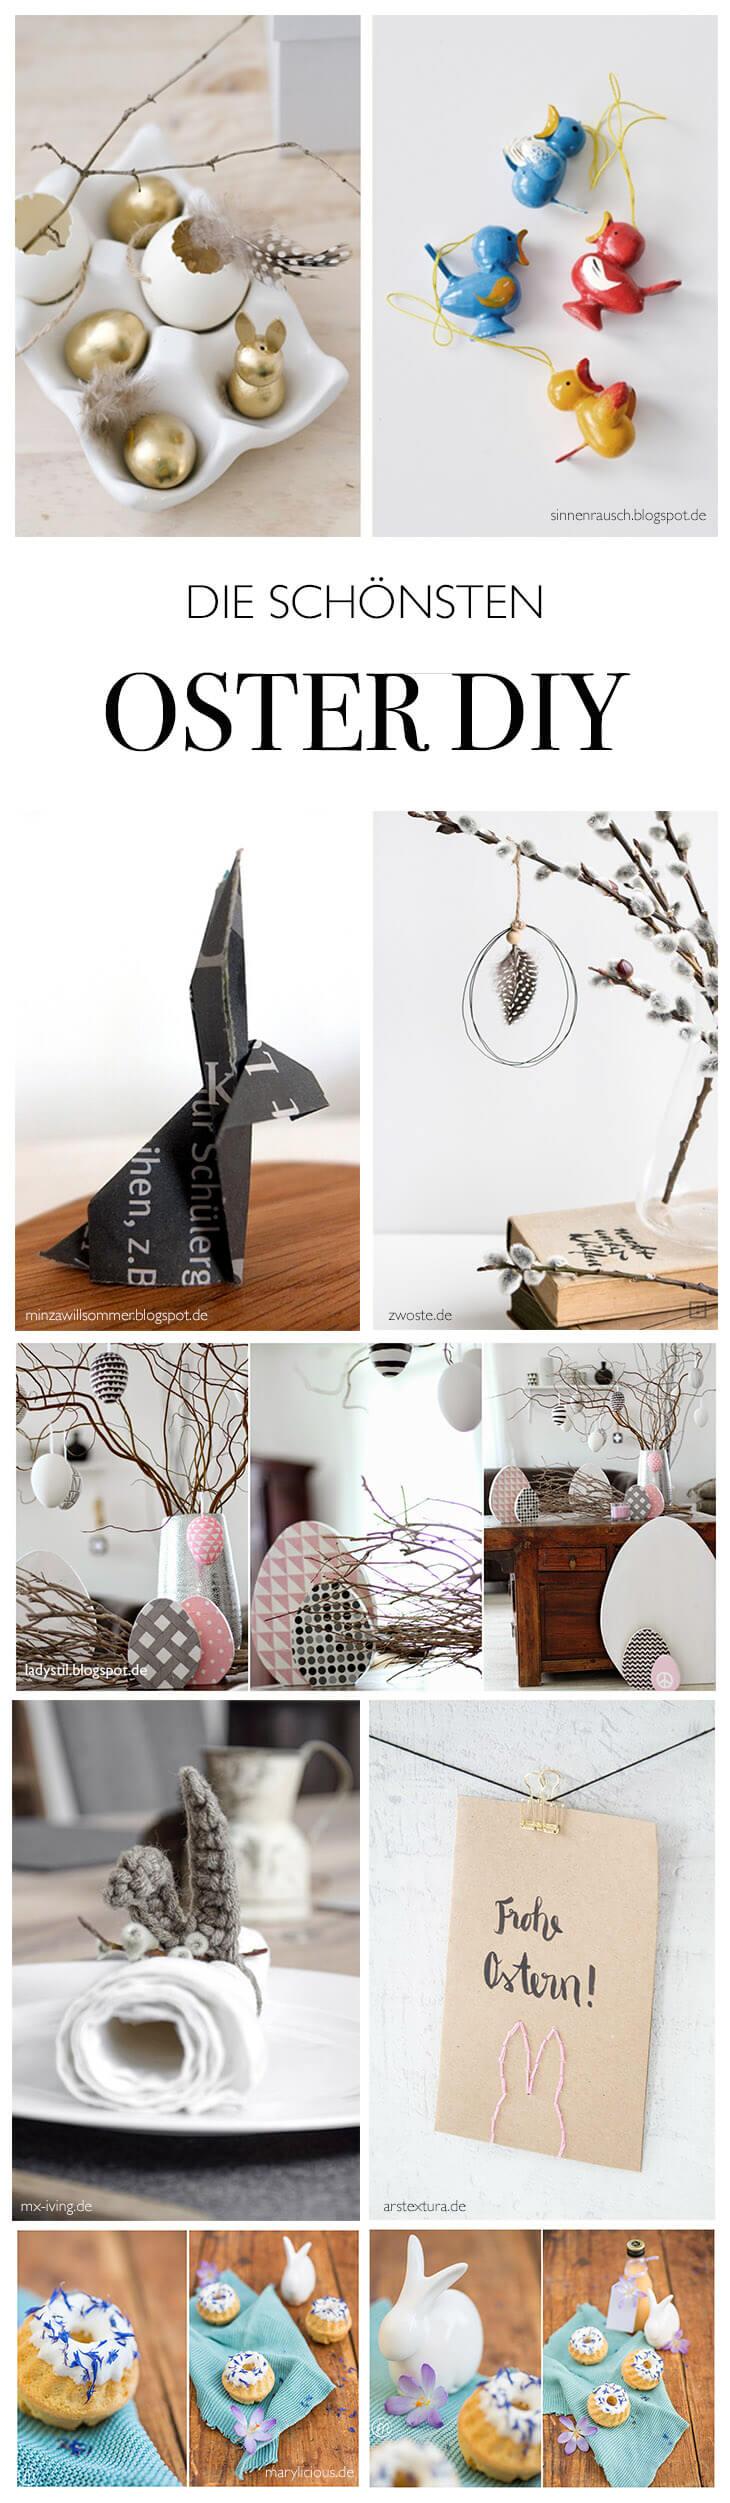 die schönsten Oster Deko DIY Ideen - von meinen liebsten Do-It-Yourself und Lifestlye Blogs